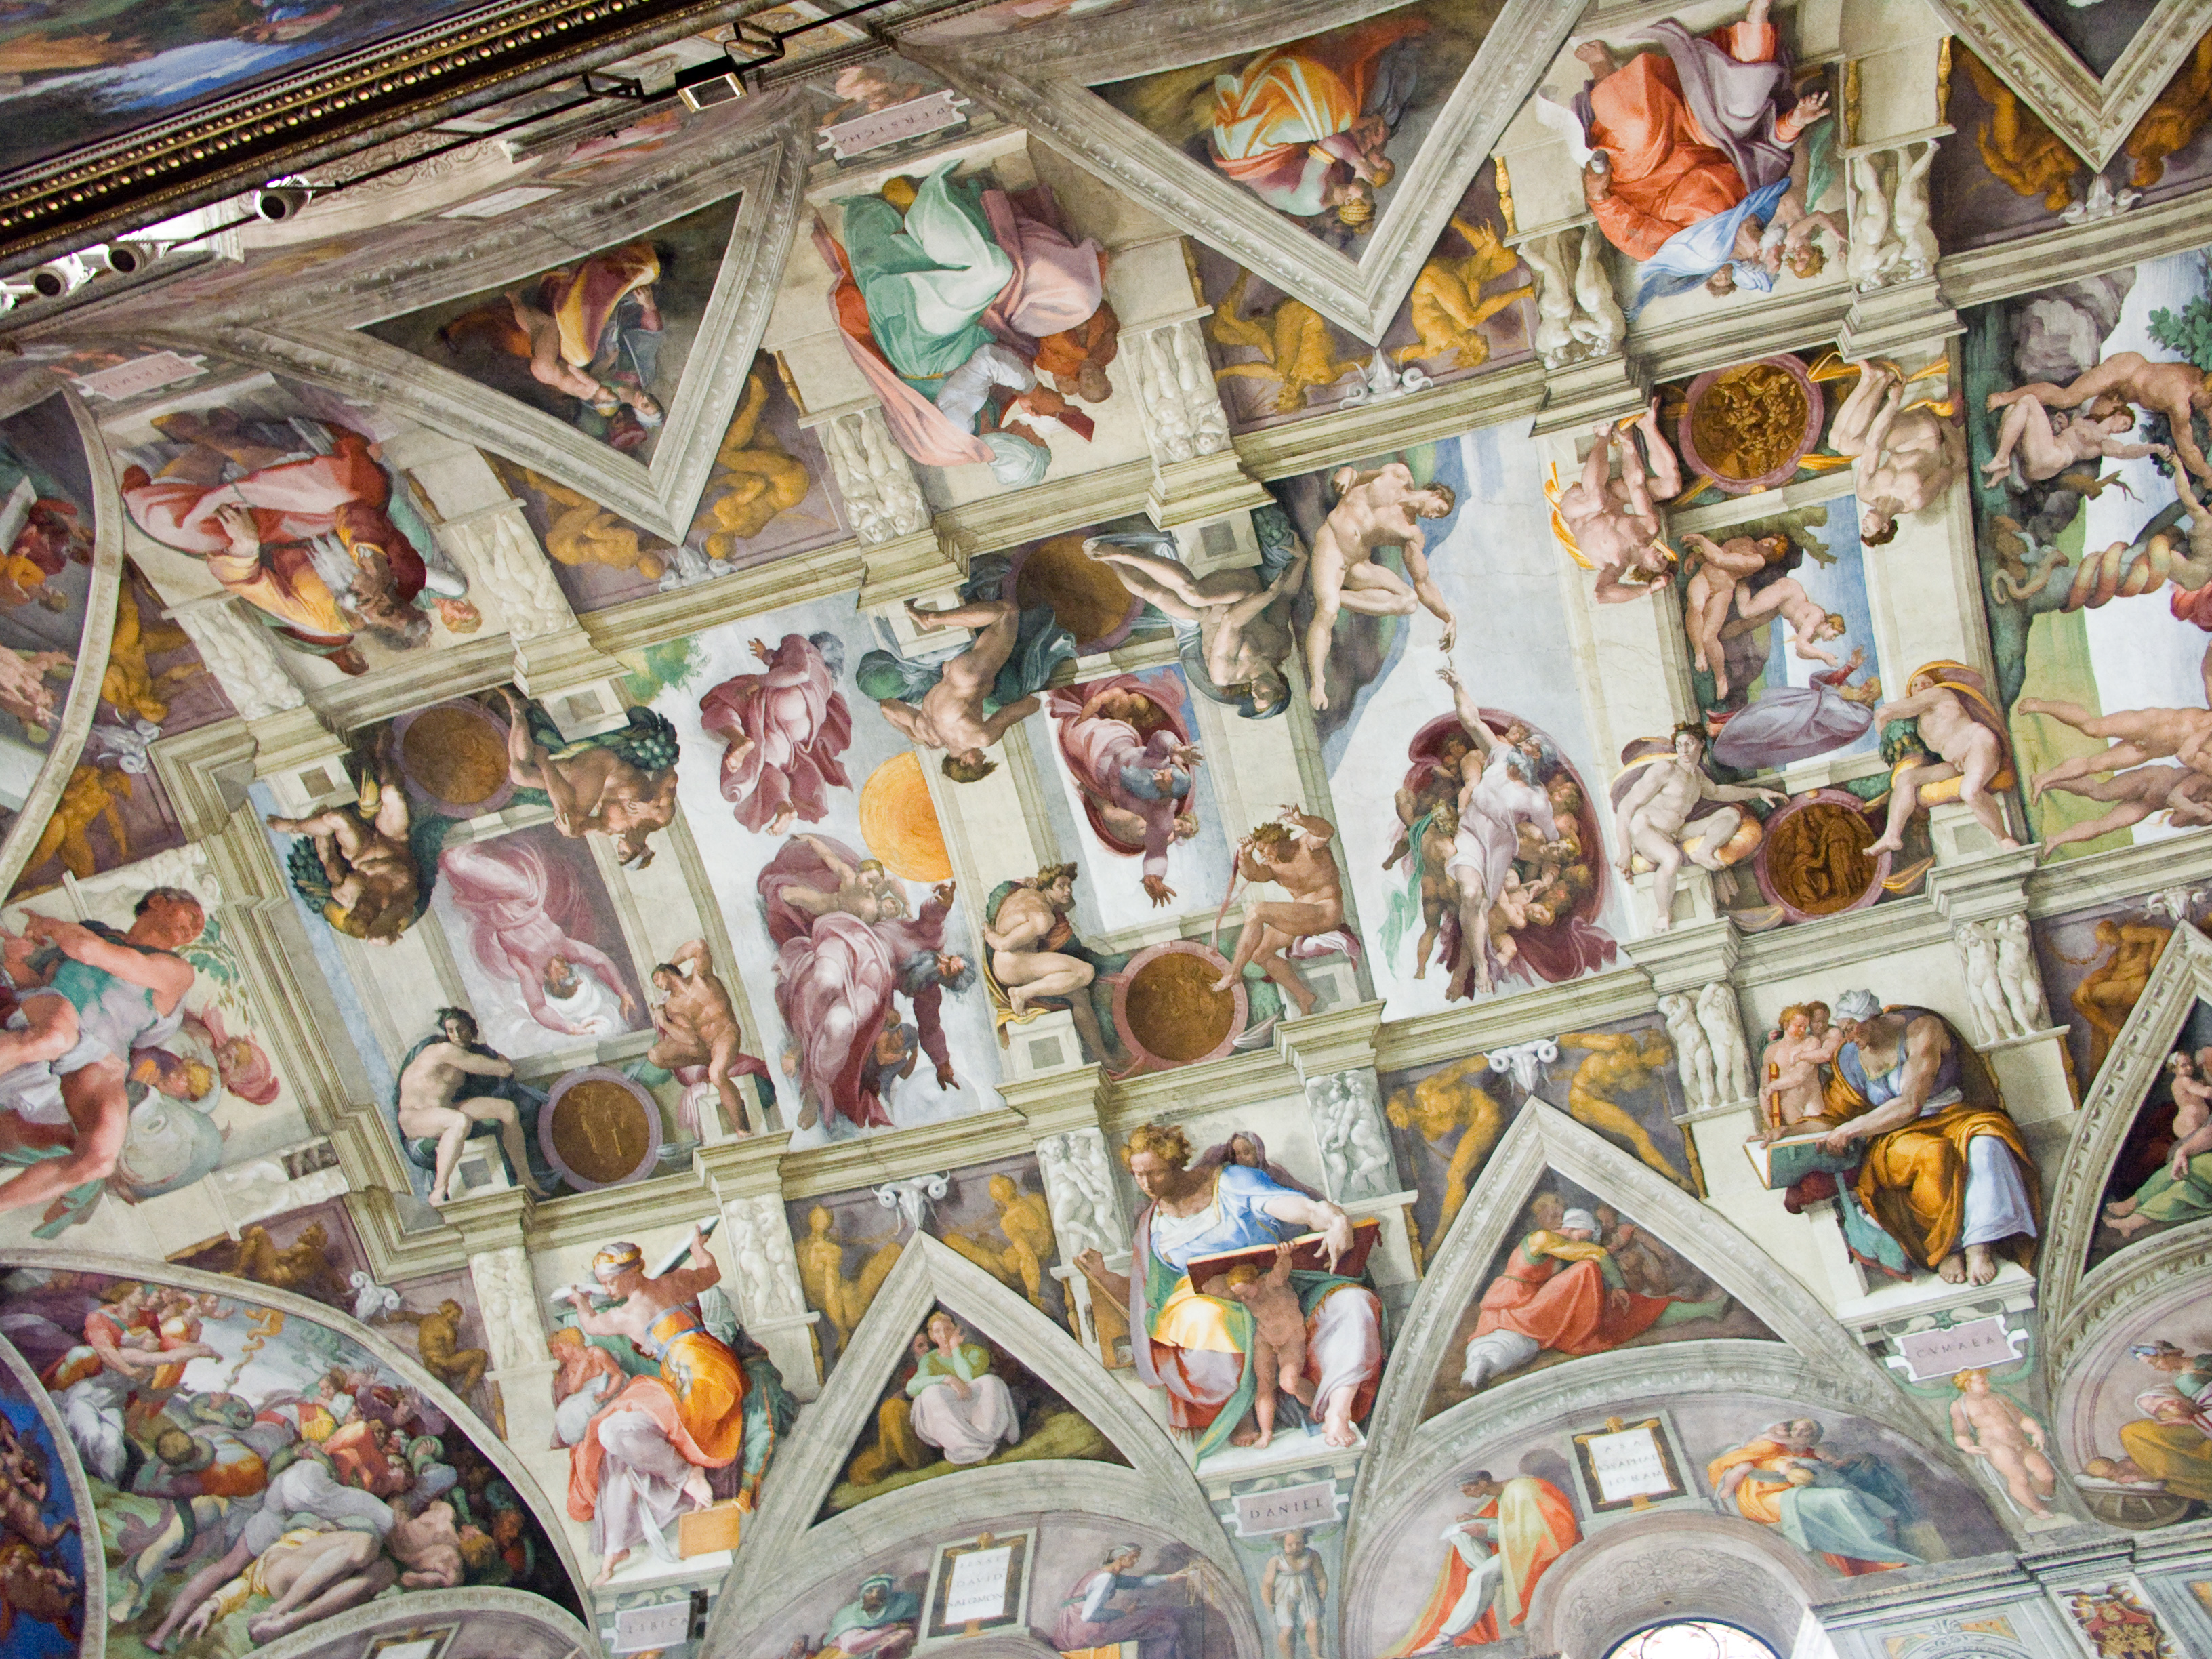 restauration des fresques de la chapelle sixtine